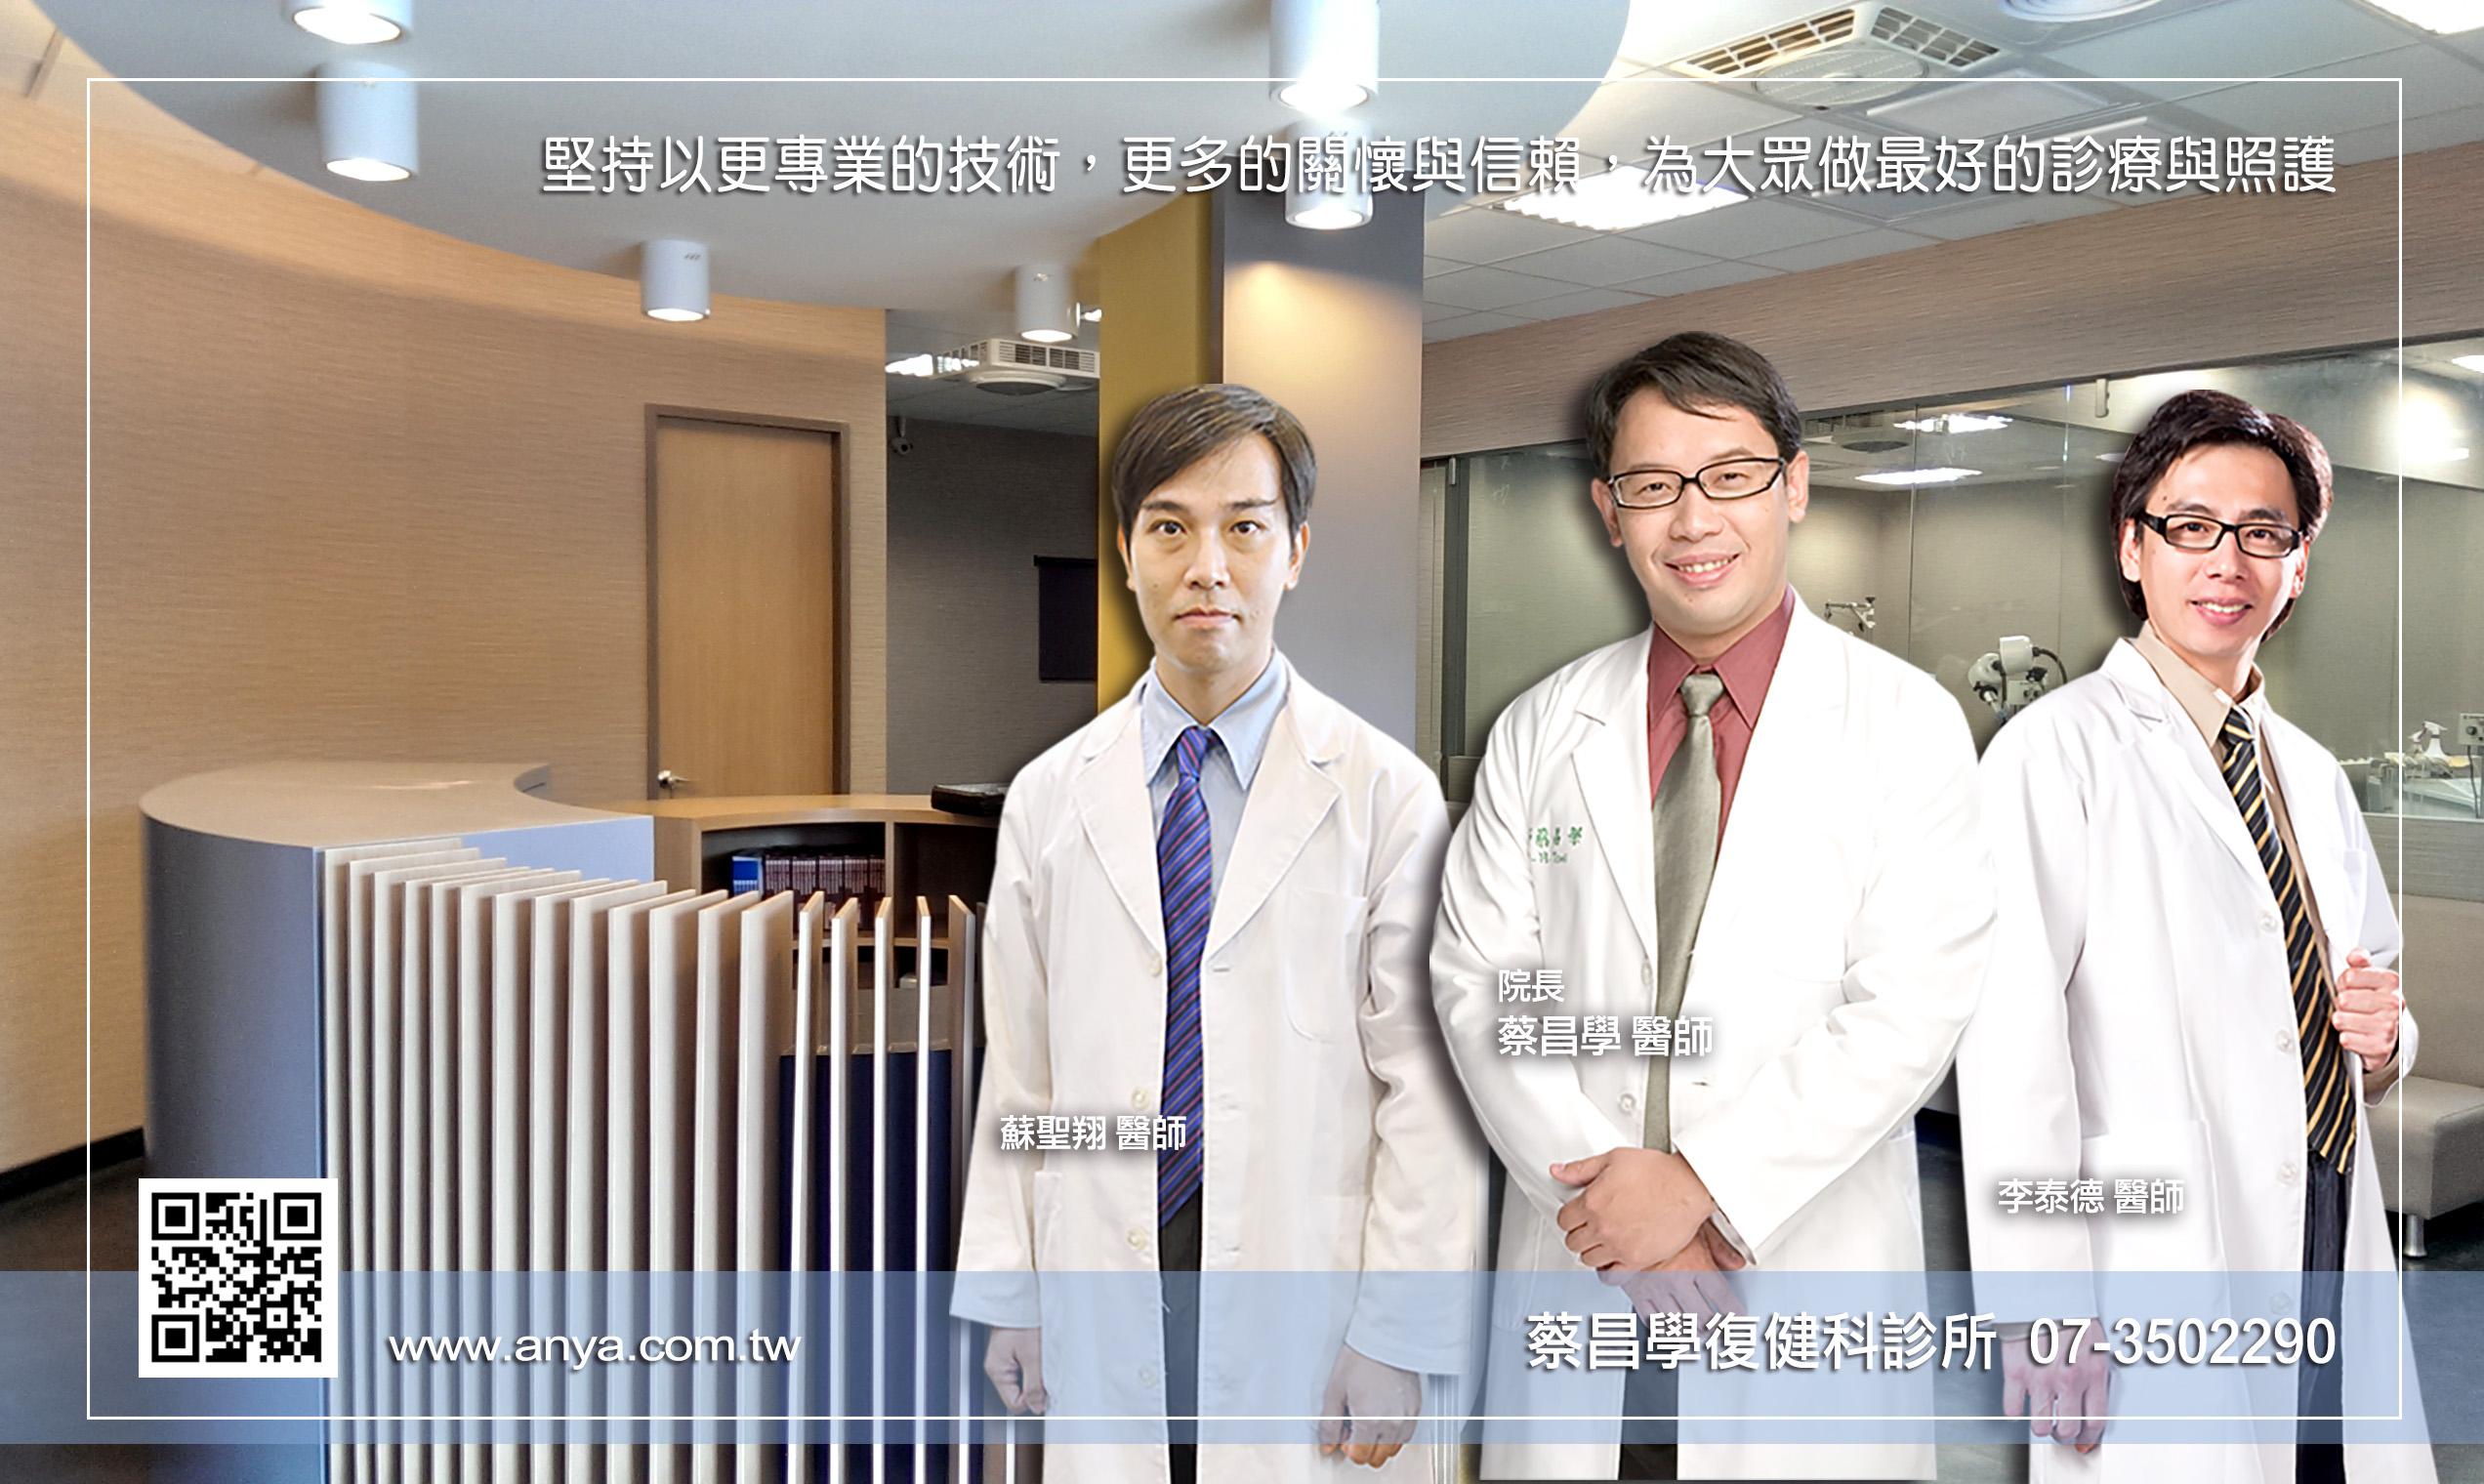 Anya 蔡昌學復健科診所 醫療團隊